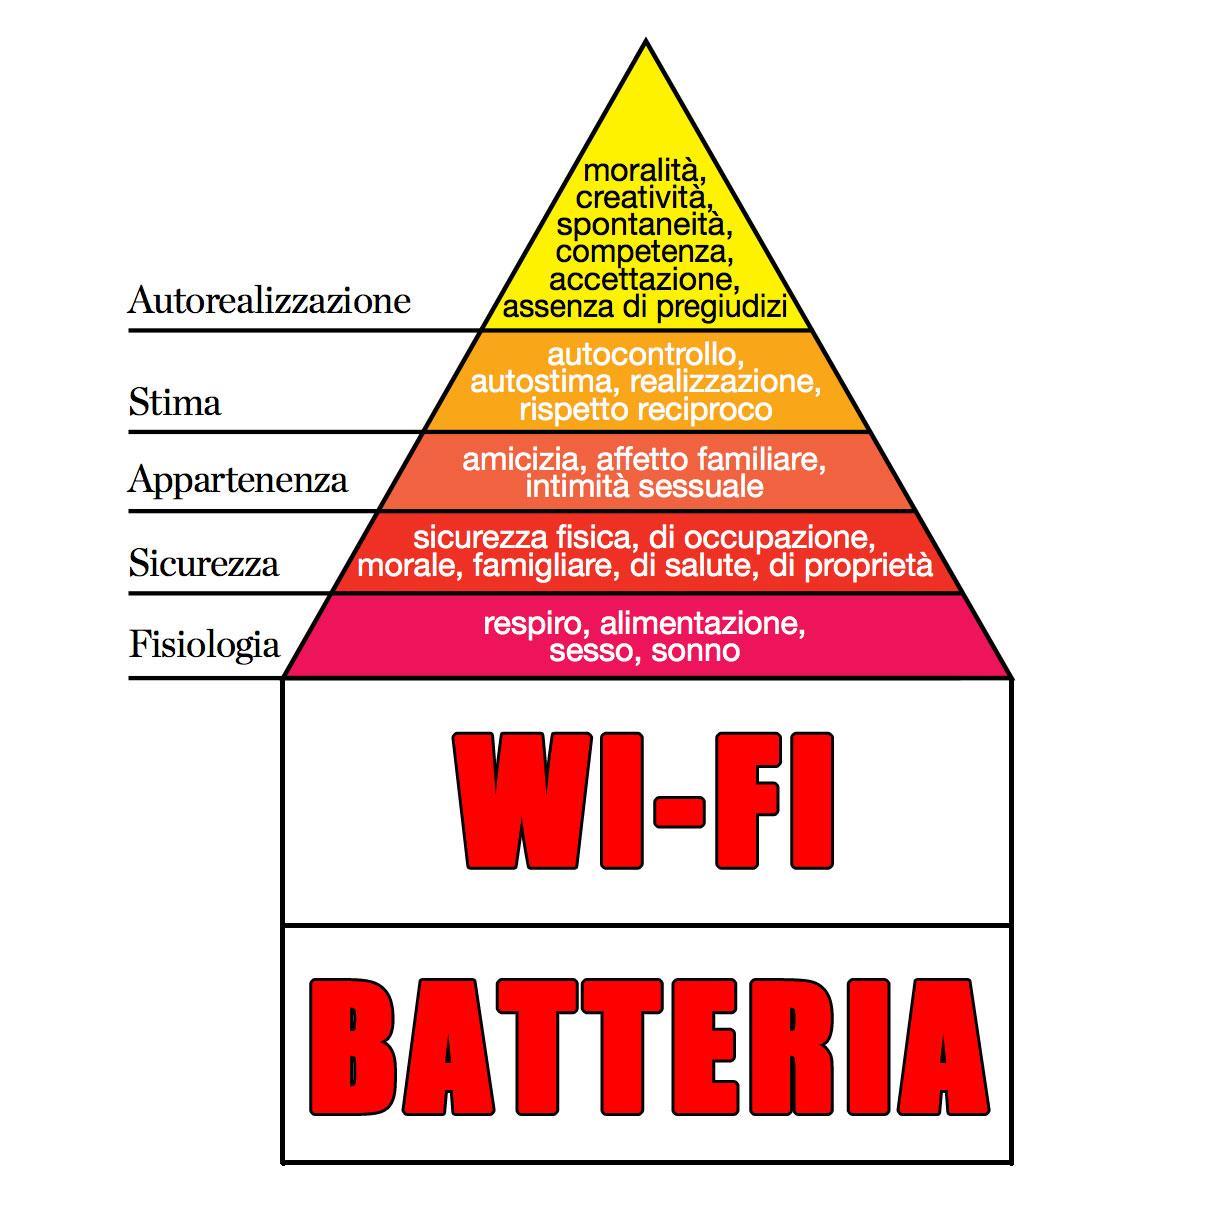 """La """"piramide dei bisogni"""" di Maslow aggiornata al 2015 [sul numero in edicola vi spieghiamo cos'è] h/t: @SciencePorn http://t.co/ssYh2uUBfg"""